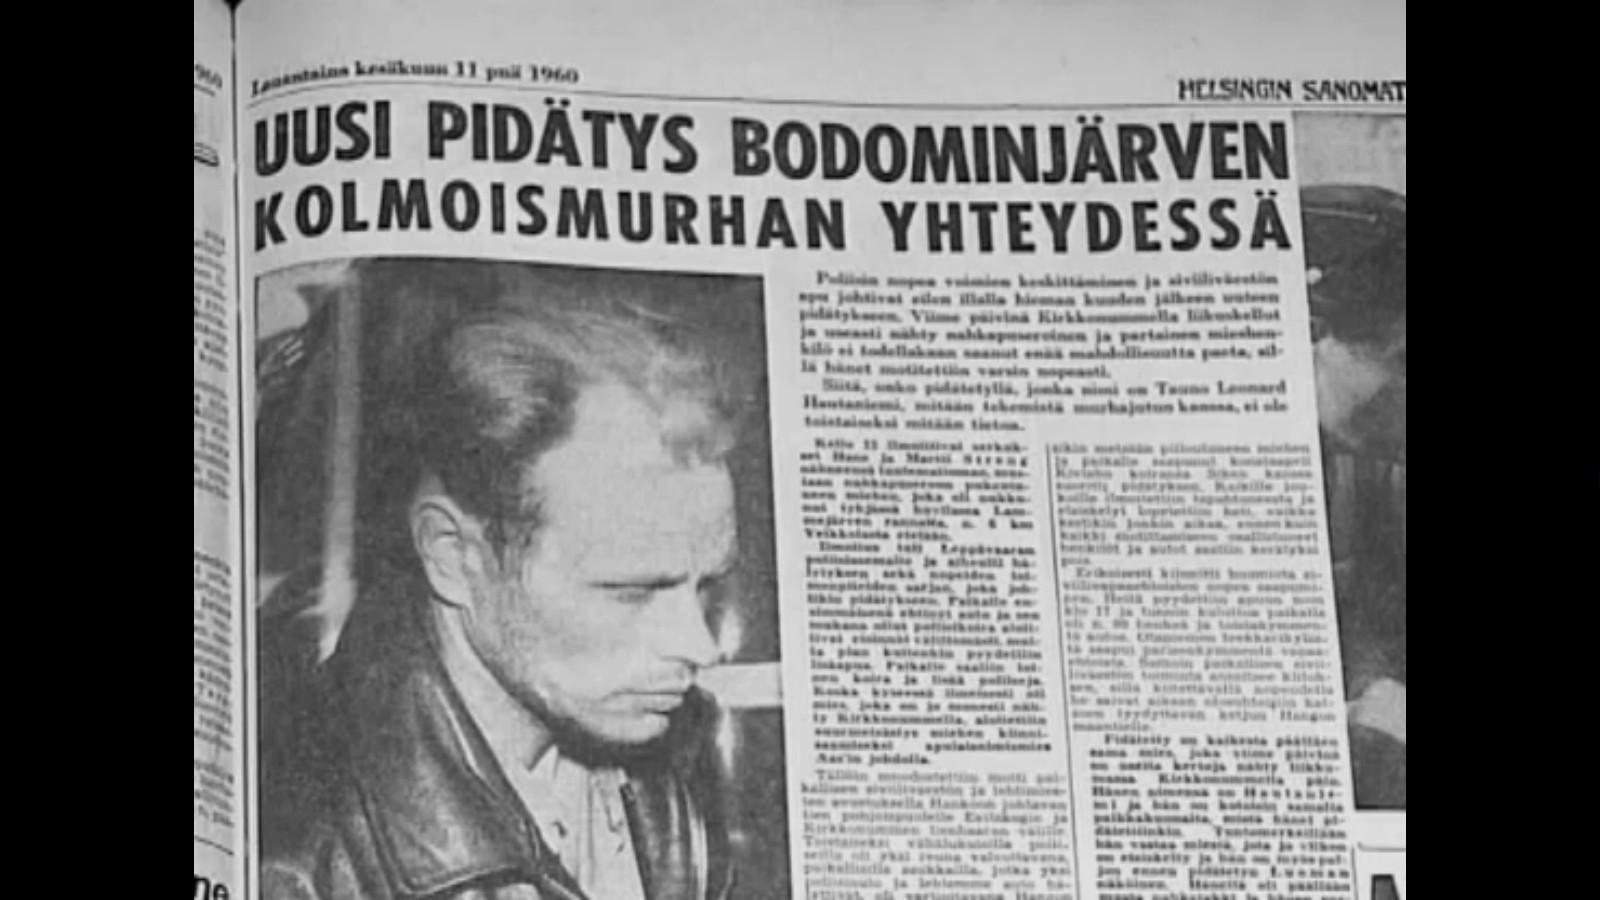 Финские газеты писали об очередных подозреваемых в страшном убийстве - теперь это Нилс Густафссон, единственны выживший в той трагедии